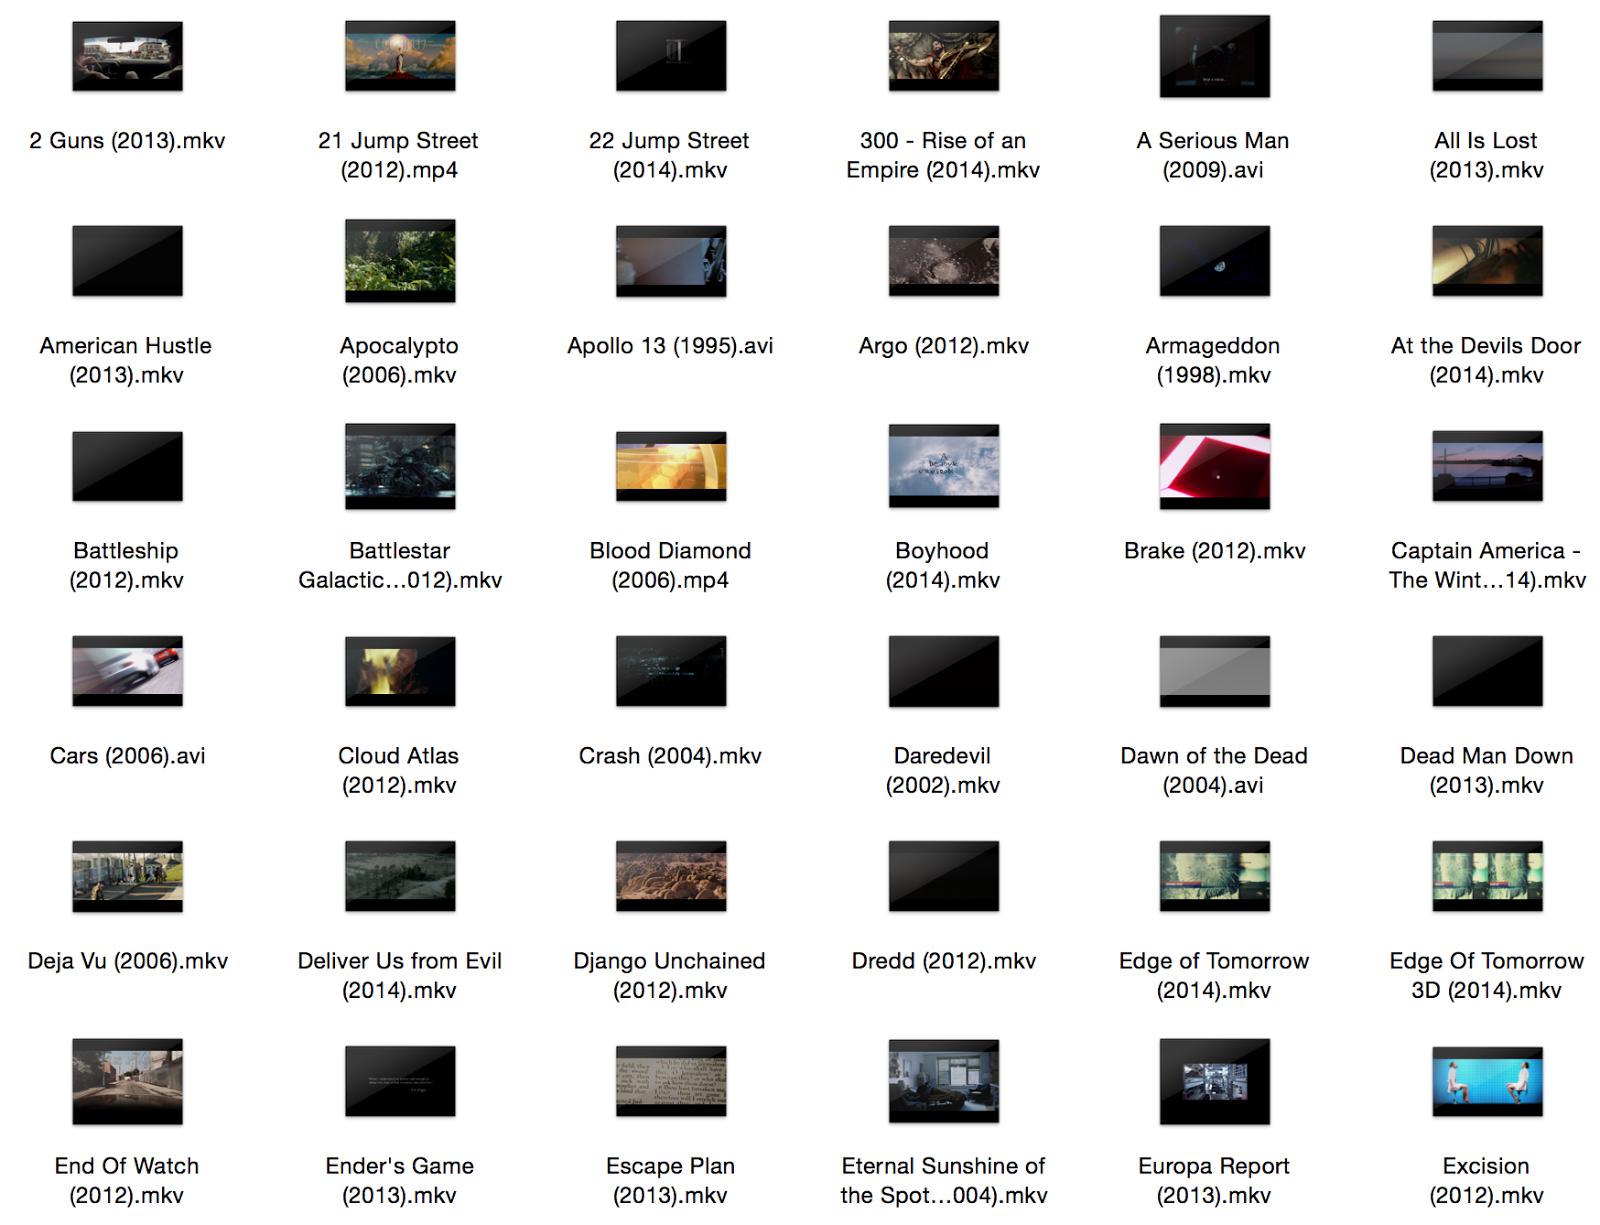 Get video thumbnails in OS X Finder for AVI, MKV, etc